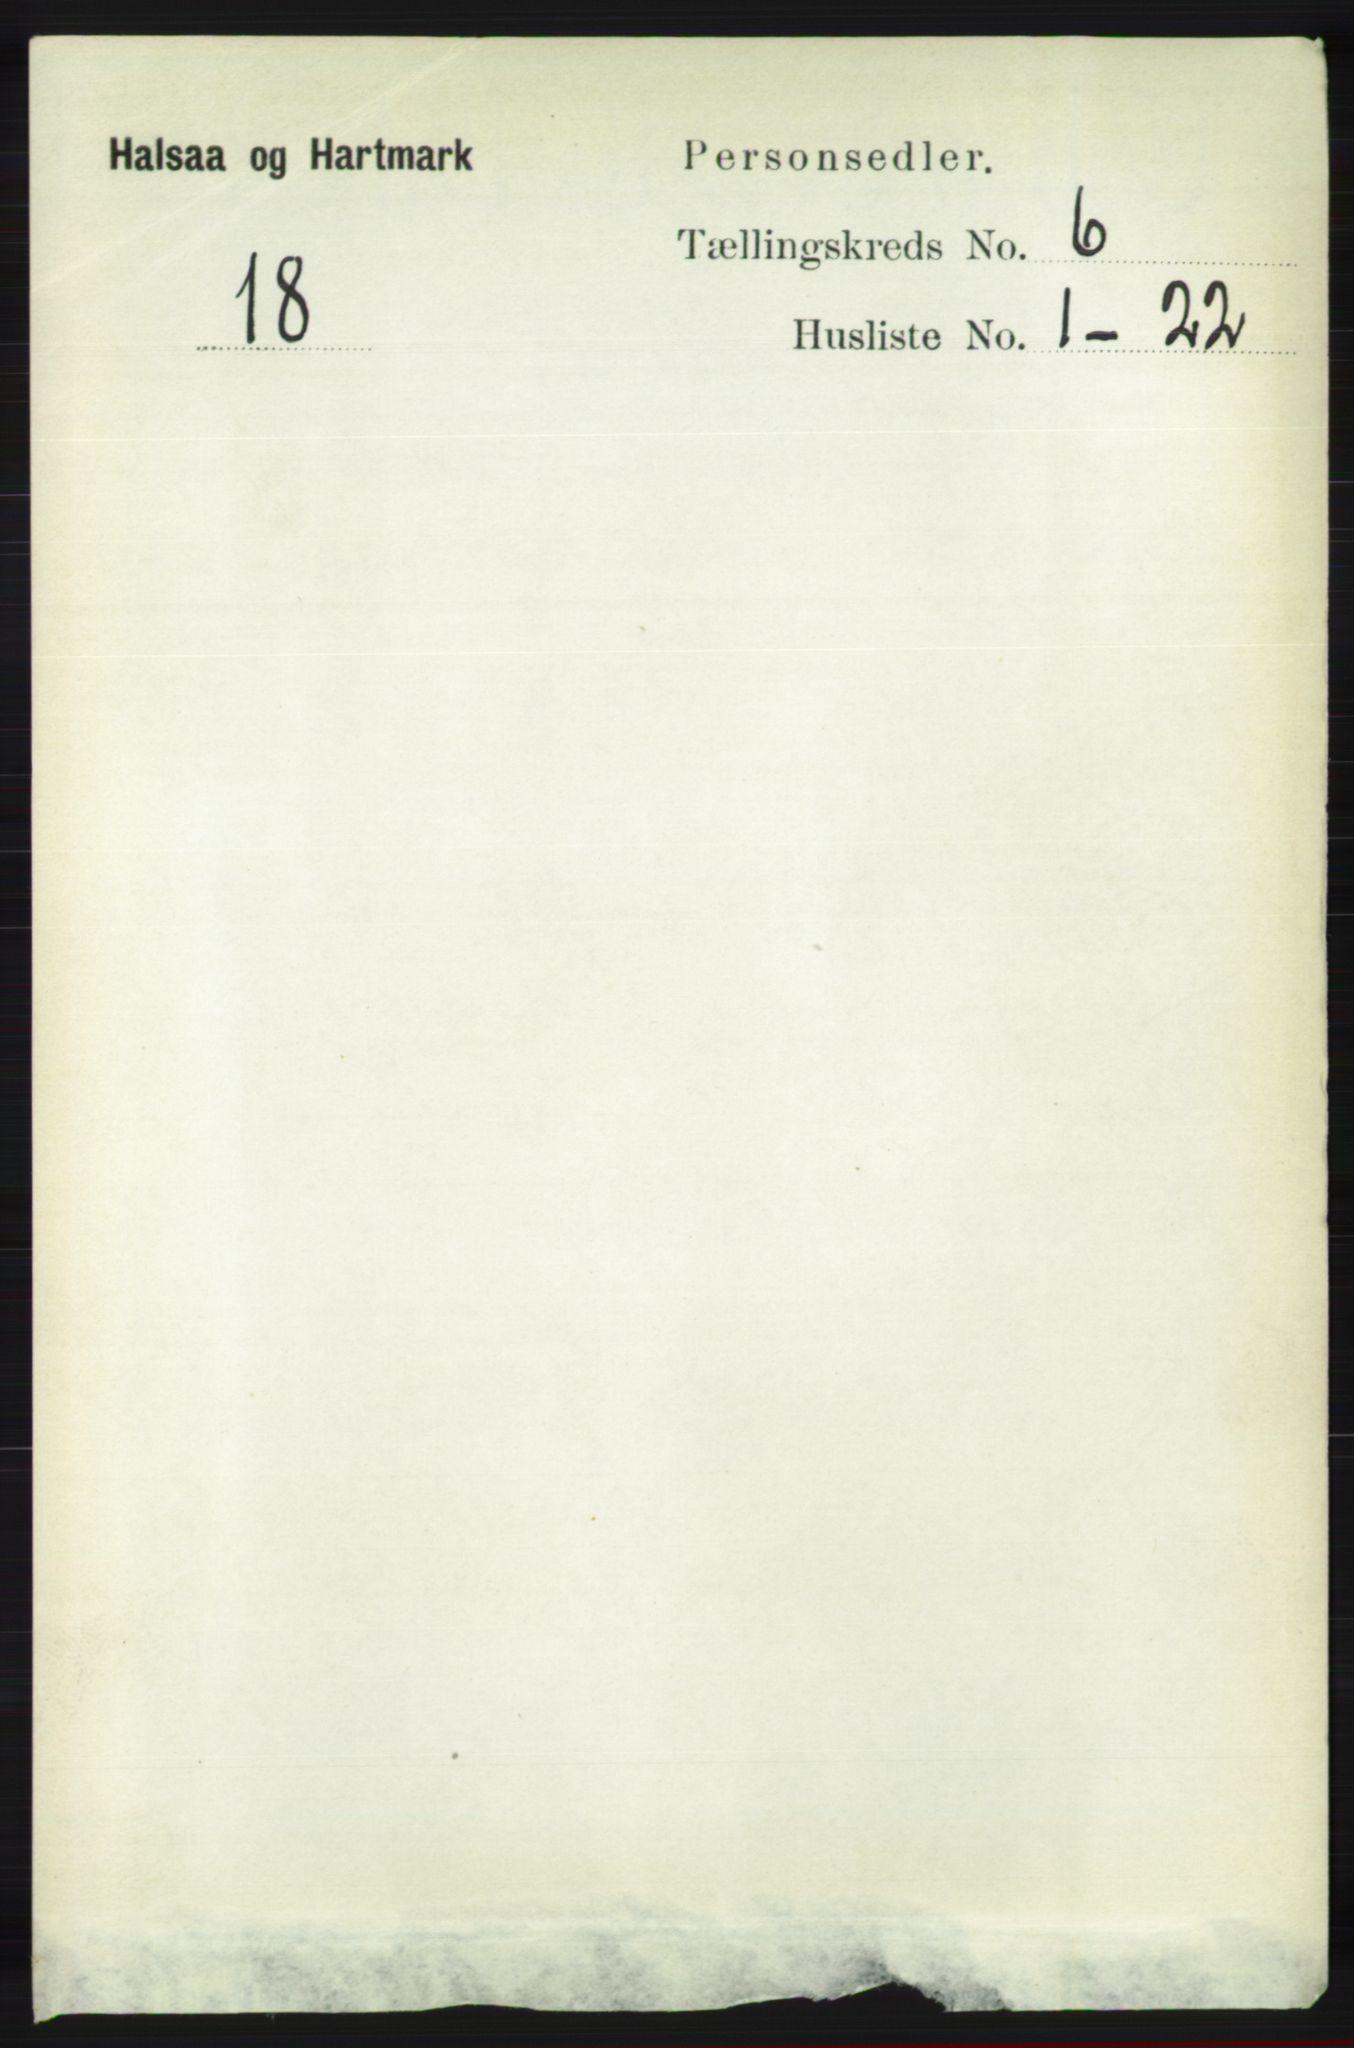 RA, Folketelling 1891 for 1019 Halse og Harkmark herred, 1891, s. 2370